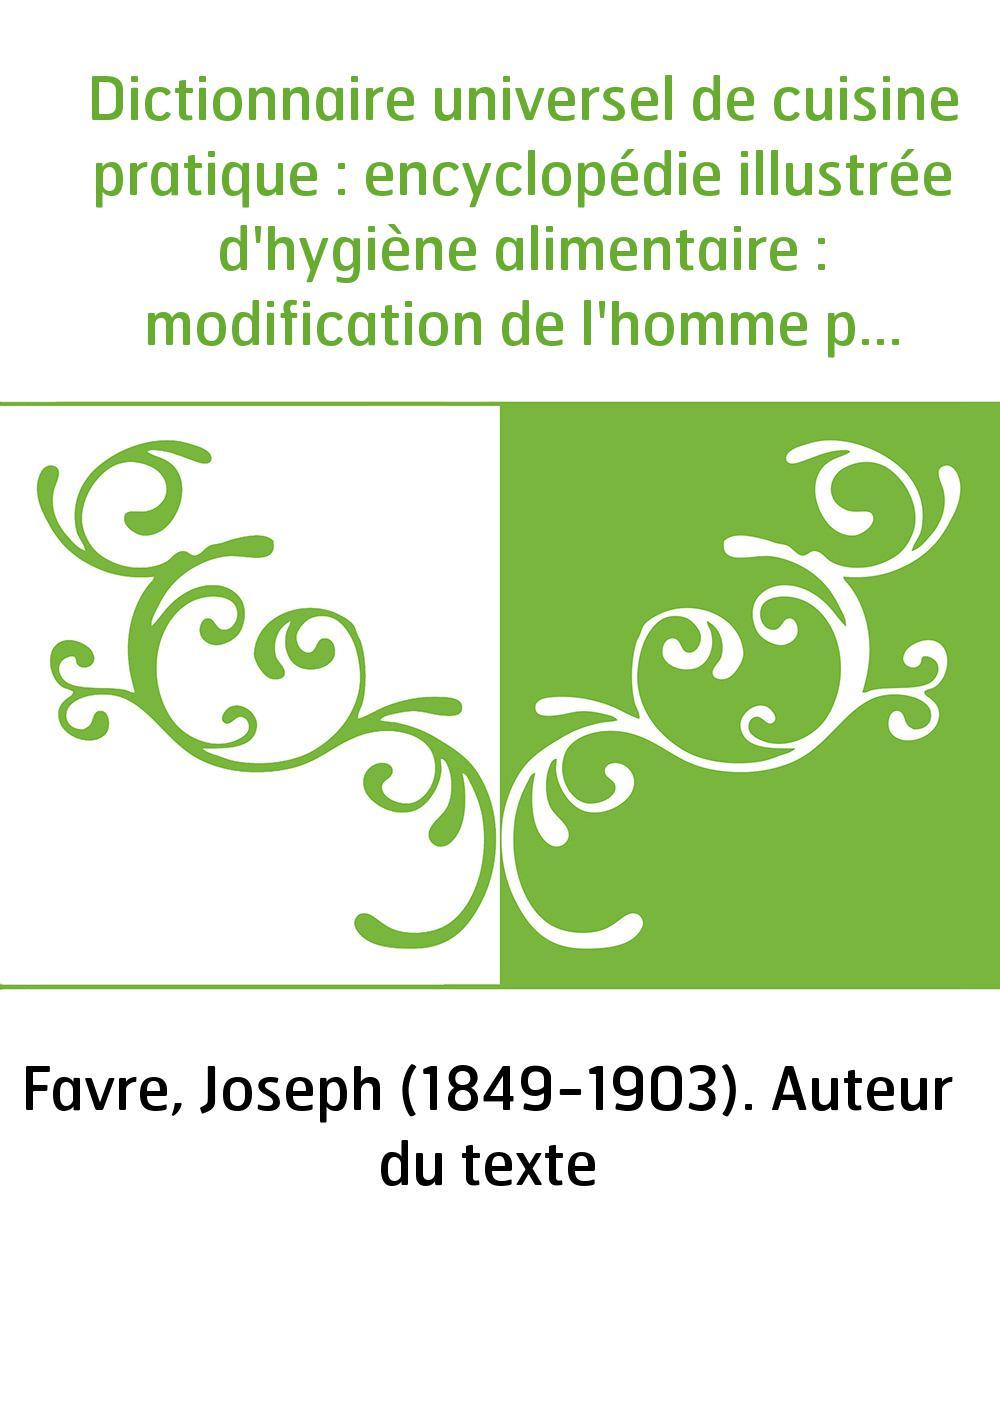 Dictionnaire universel de cuisine pratique : encyclopédie illustrée d'hygiène alimentaire : modification de l'homme par l'alimen